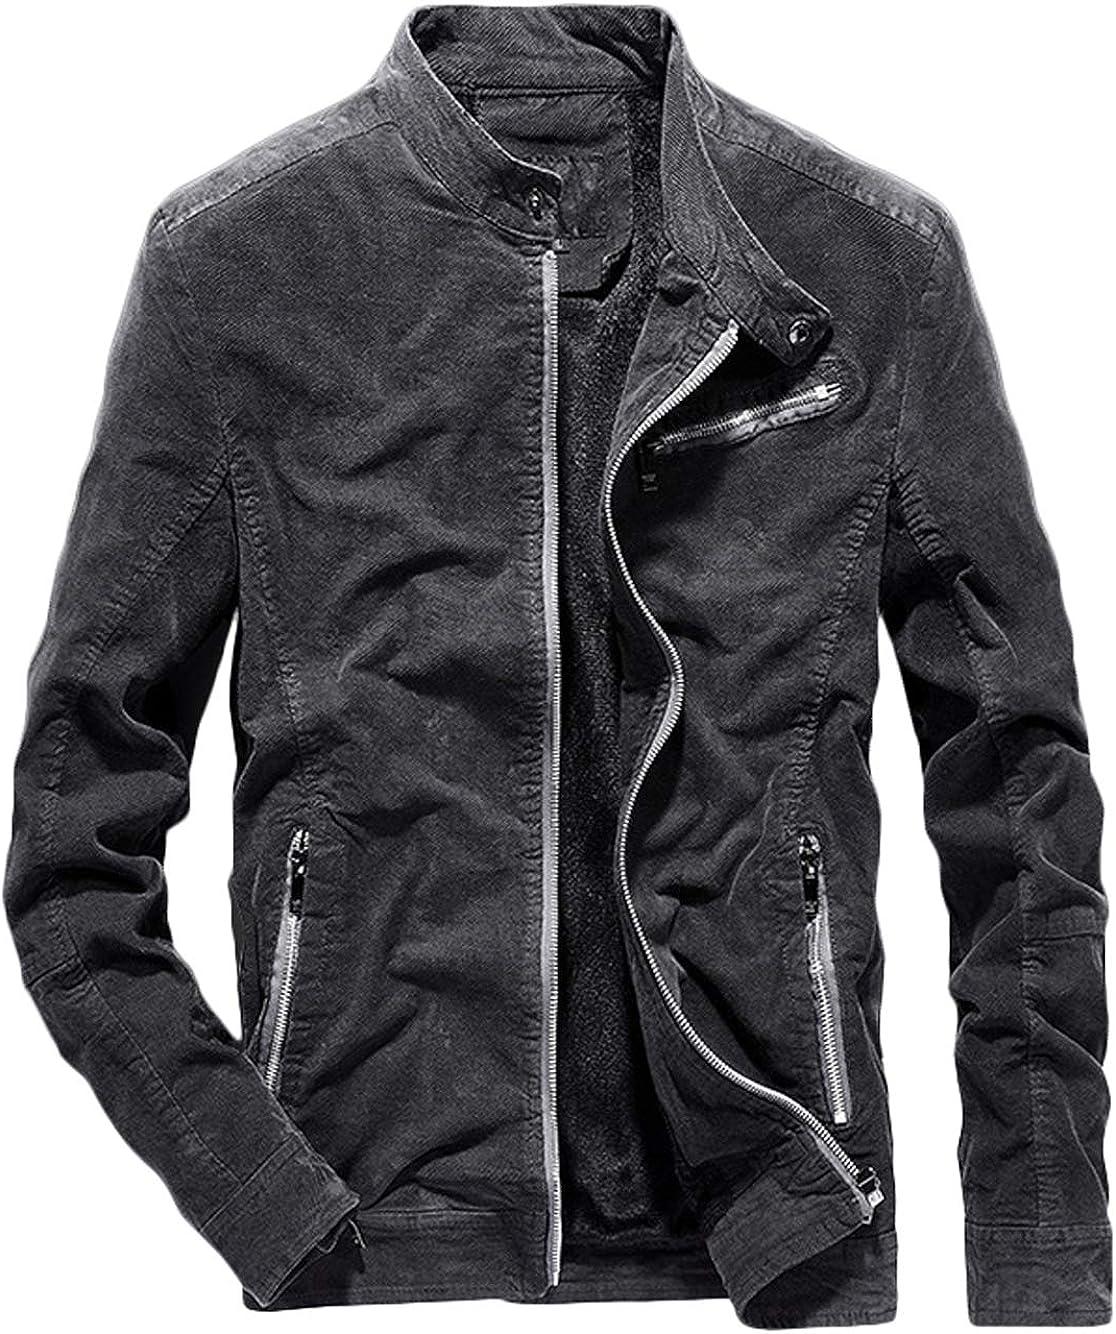 Youhan Men's Fitted Zip Up Fleece Lined Biker Jacket Coat